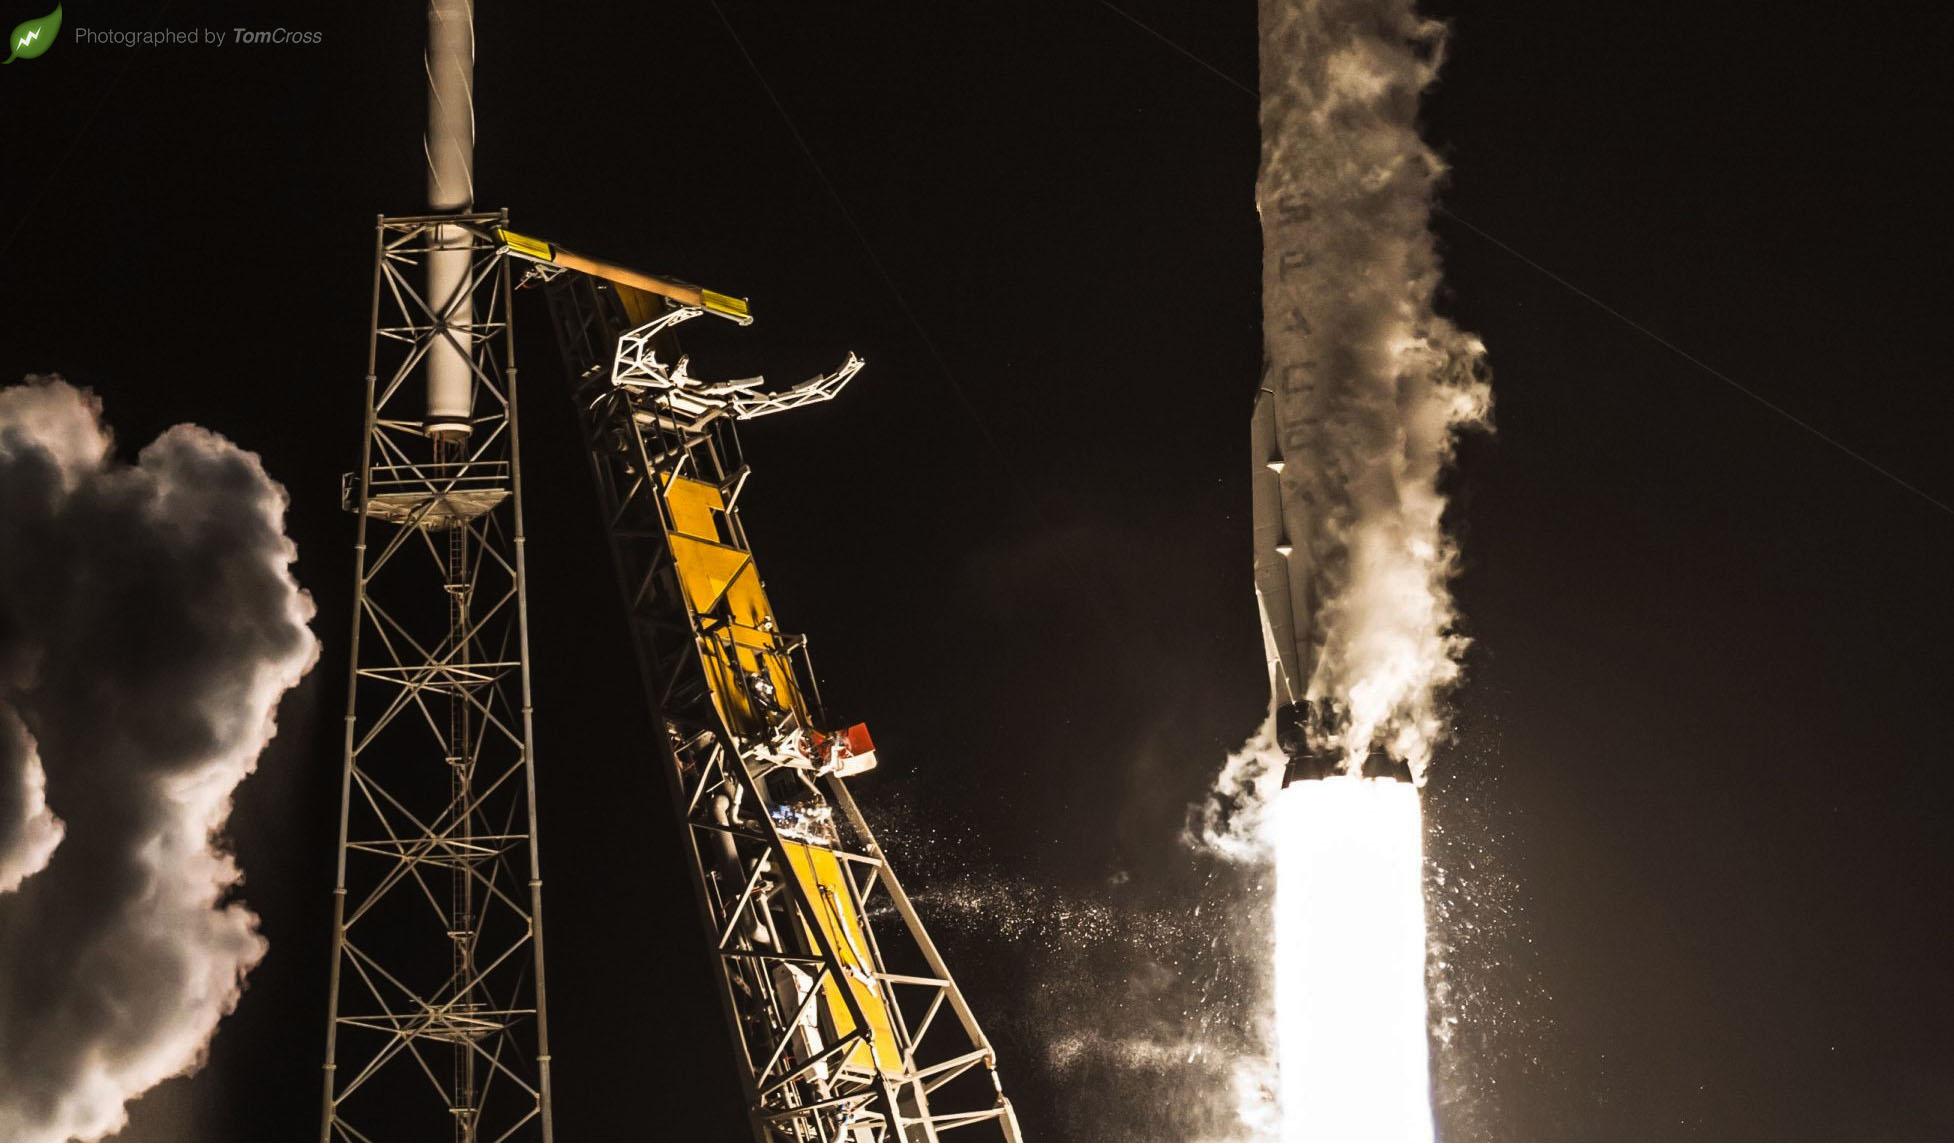 Hispasat 1044 liftoff crop 1 (Tom Cross)